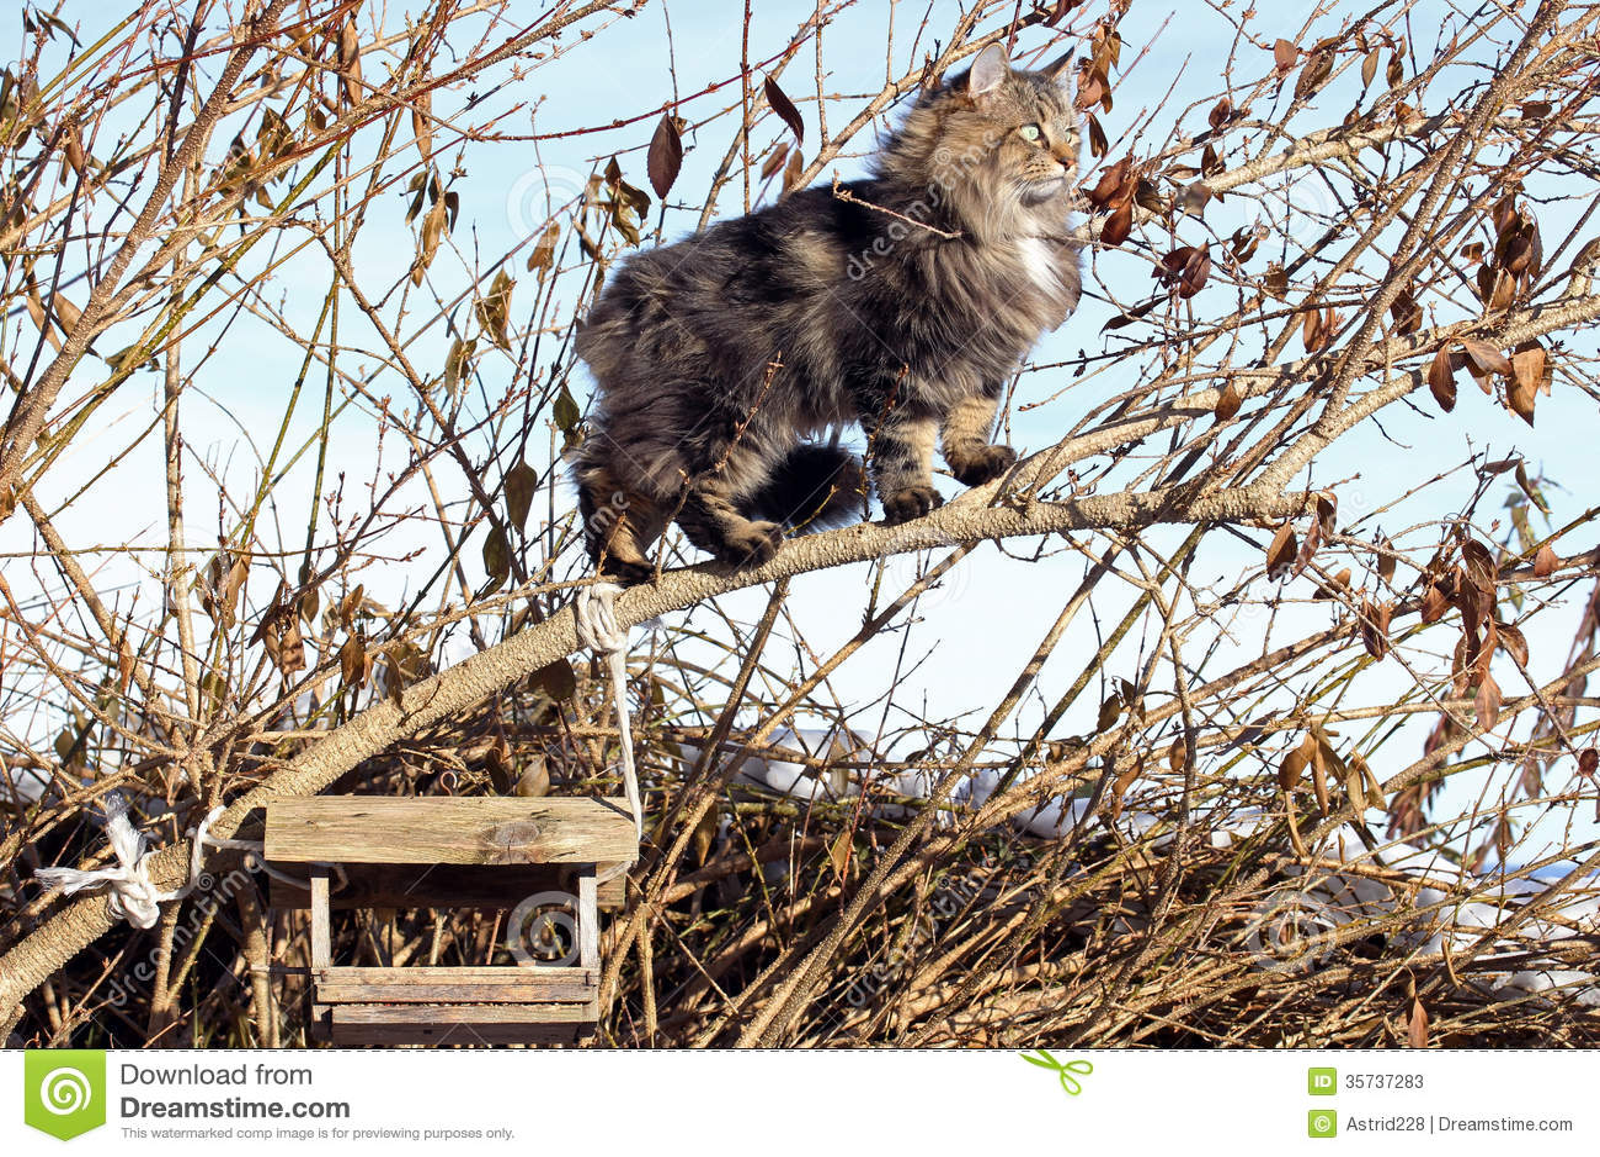 Bird's hunt in the tre...